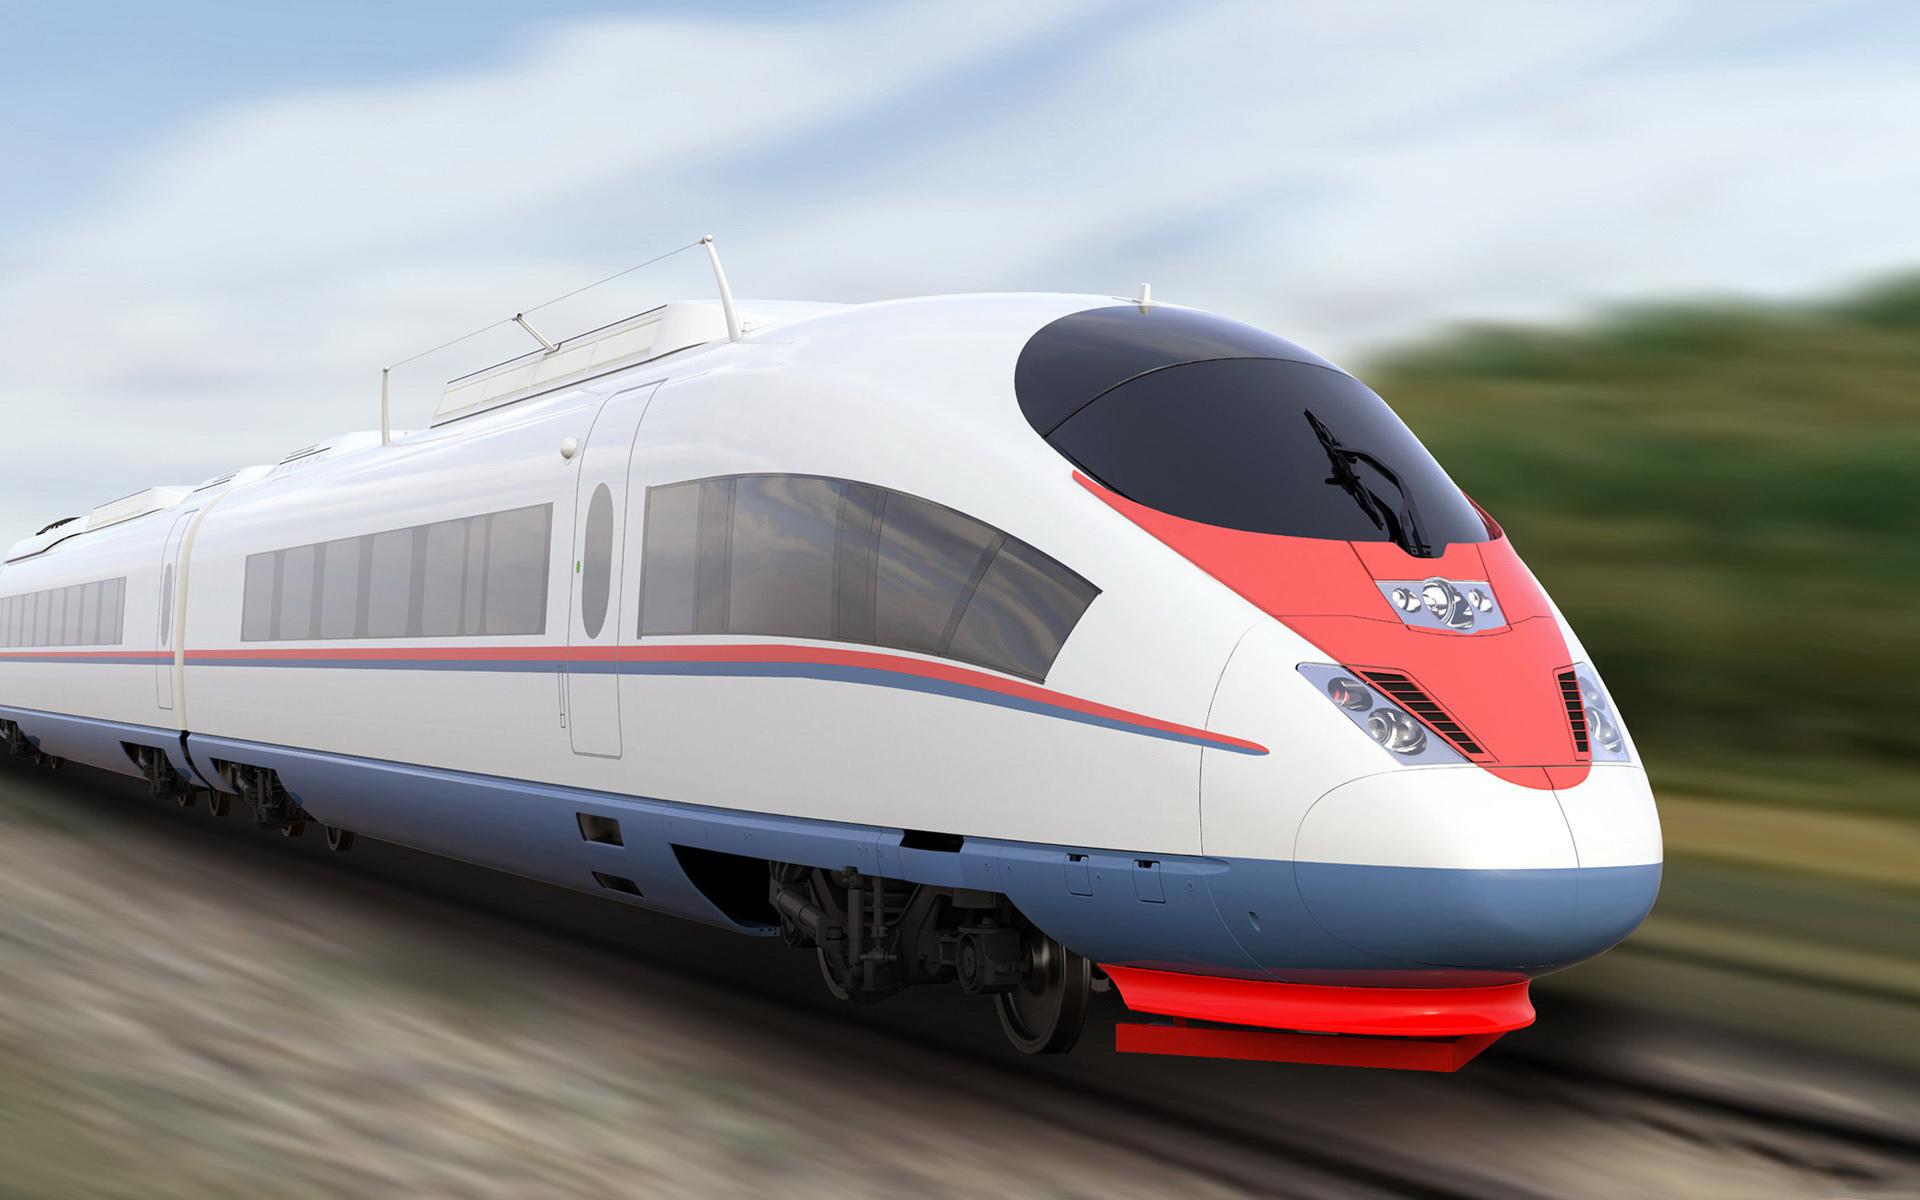 28103壁紙のダウンロード輸送, 列車-スクリーンセーバーと写真を無料で